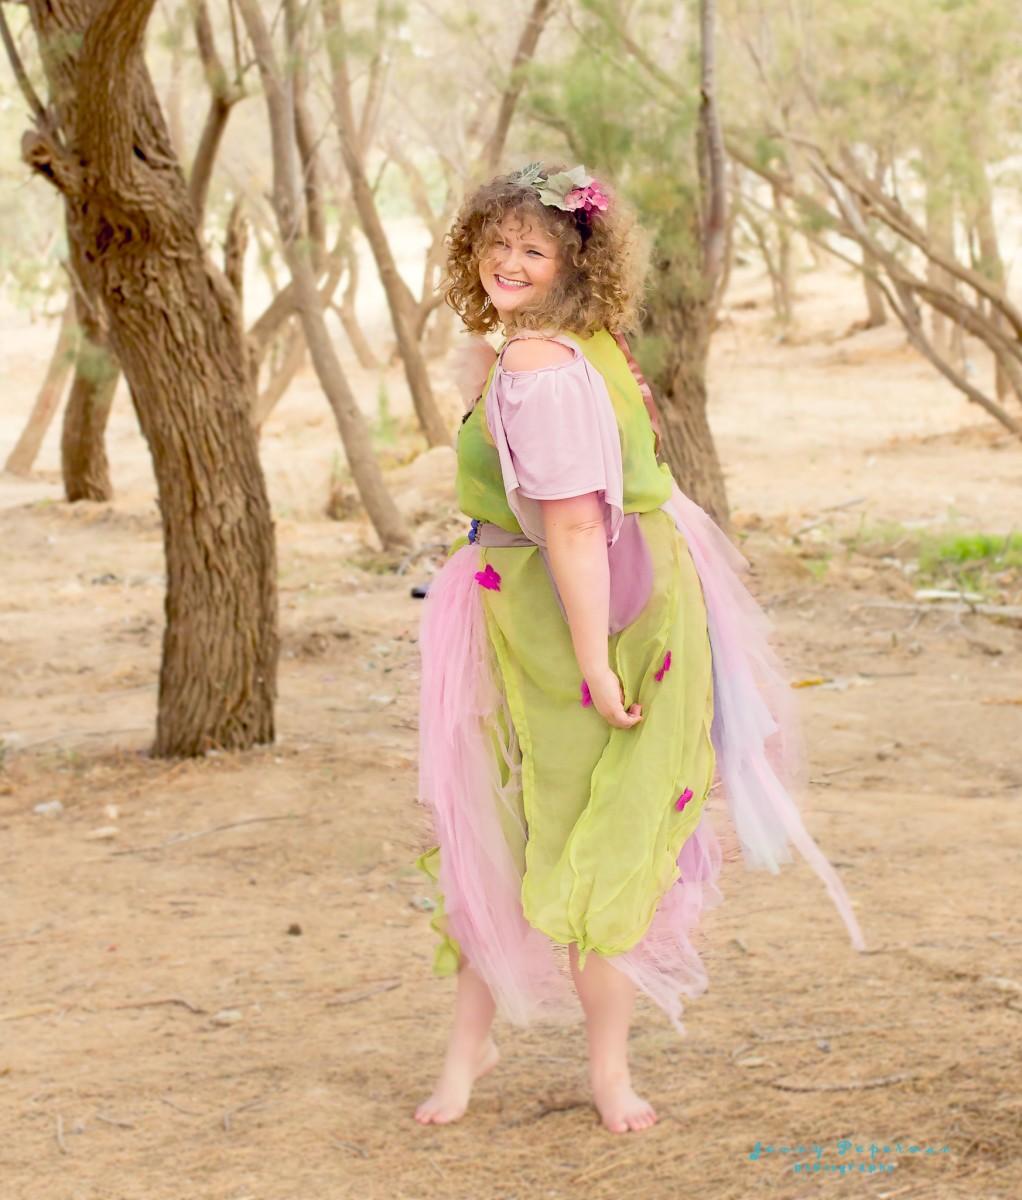 ג'ני פפרמן צלמת הריון, נשיות, בוק בת מצווה ותדמית IMG_0060-Edit שמח בלב- צילומי תדמית מיוחדים